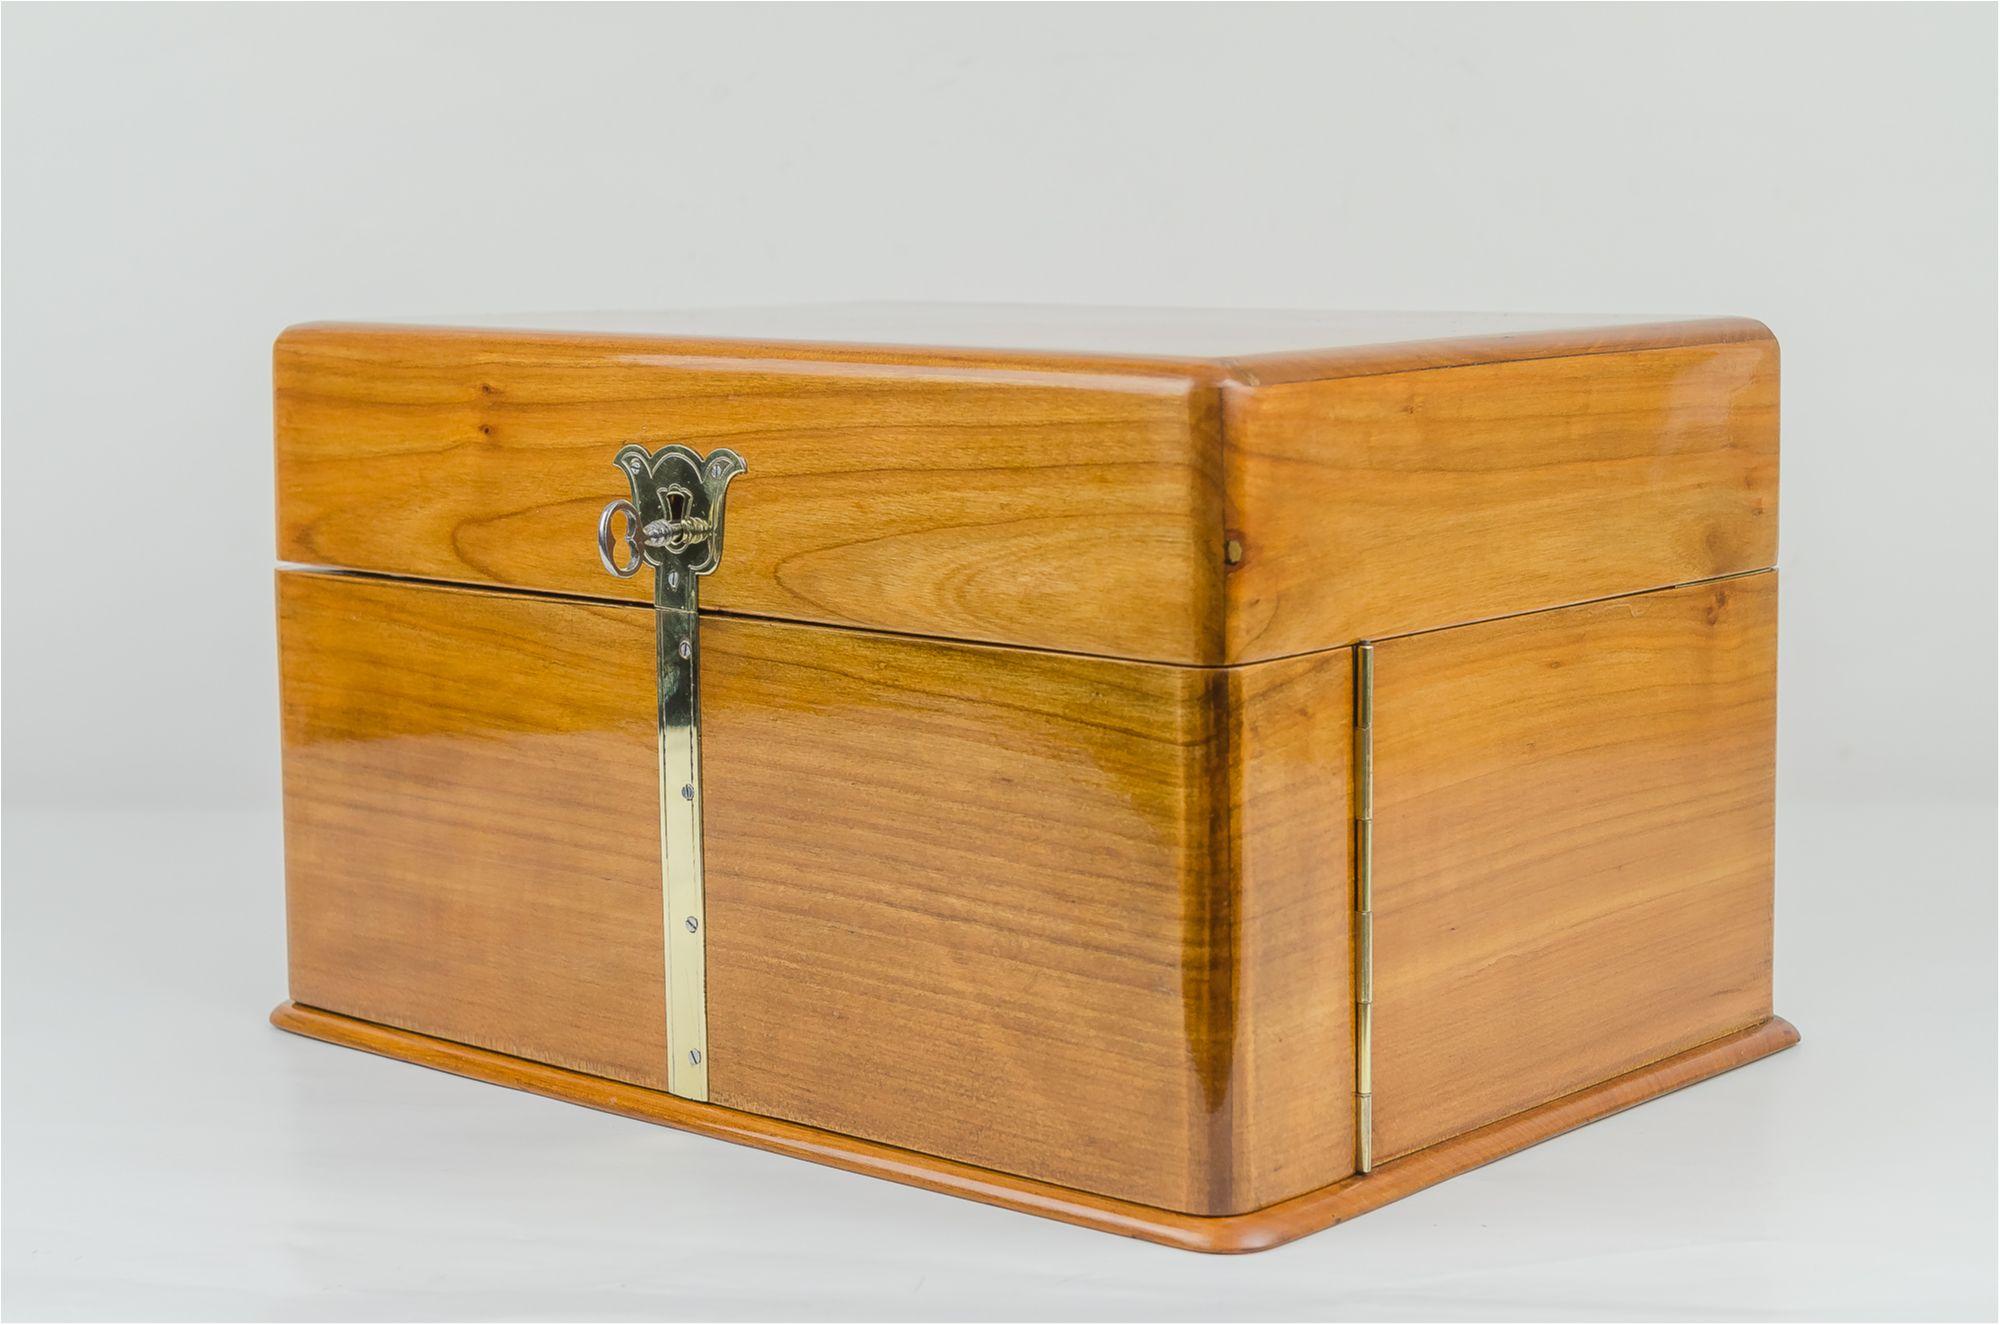 Amazing Jugendstil Game Box Circa 1905